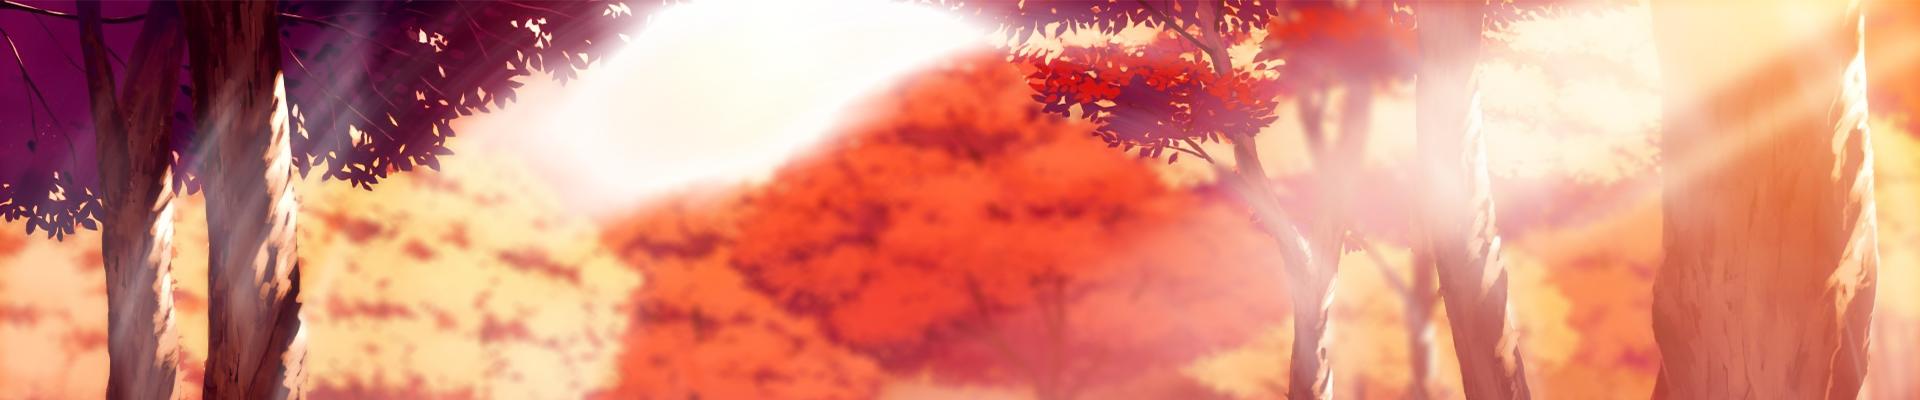 Аниме-сезон осени 2014 г. (Ванильный апокалипсис.) - Изображение 4